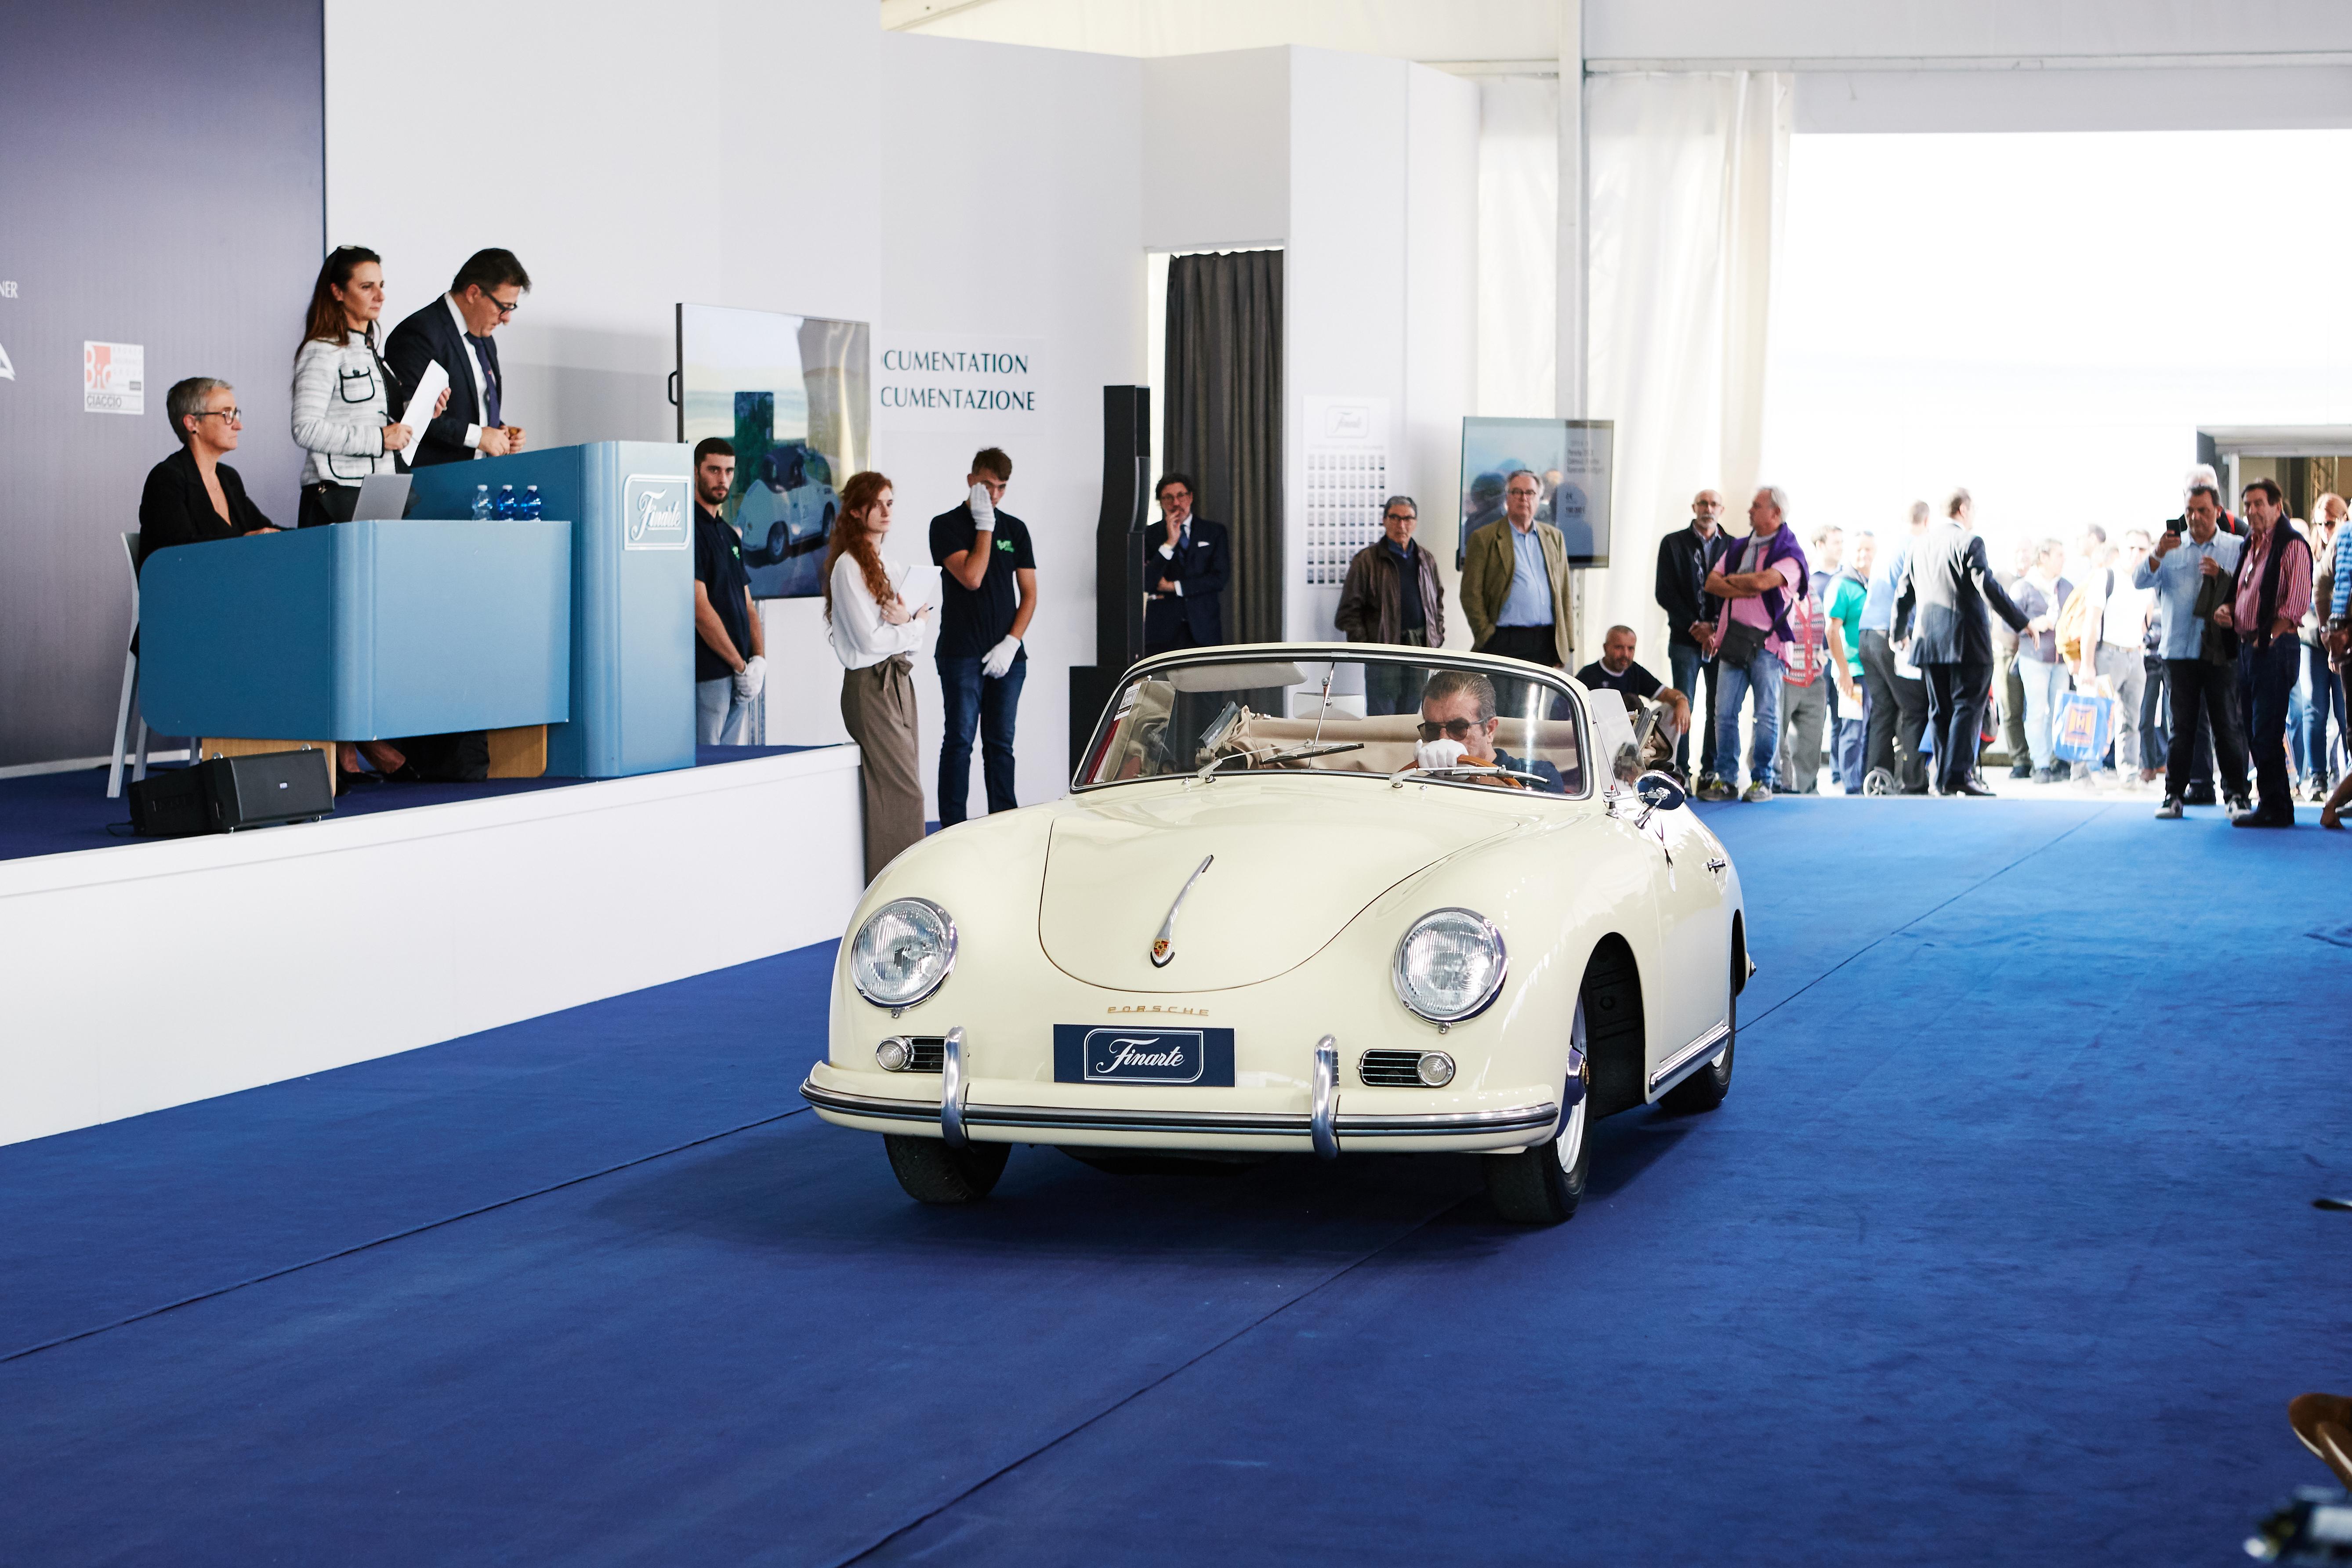 1958 Porsche 356 A Cabriolet (Reutter Karosserie Stuttgart)